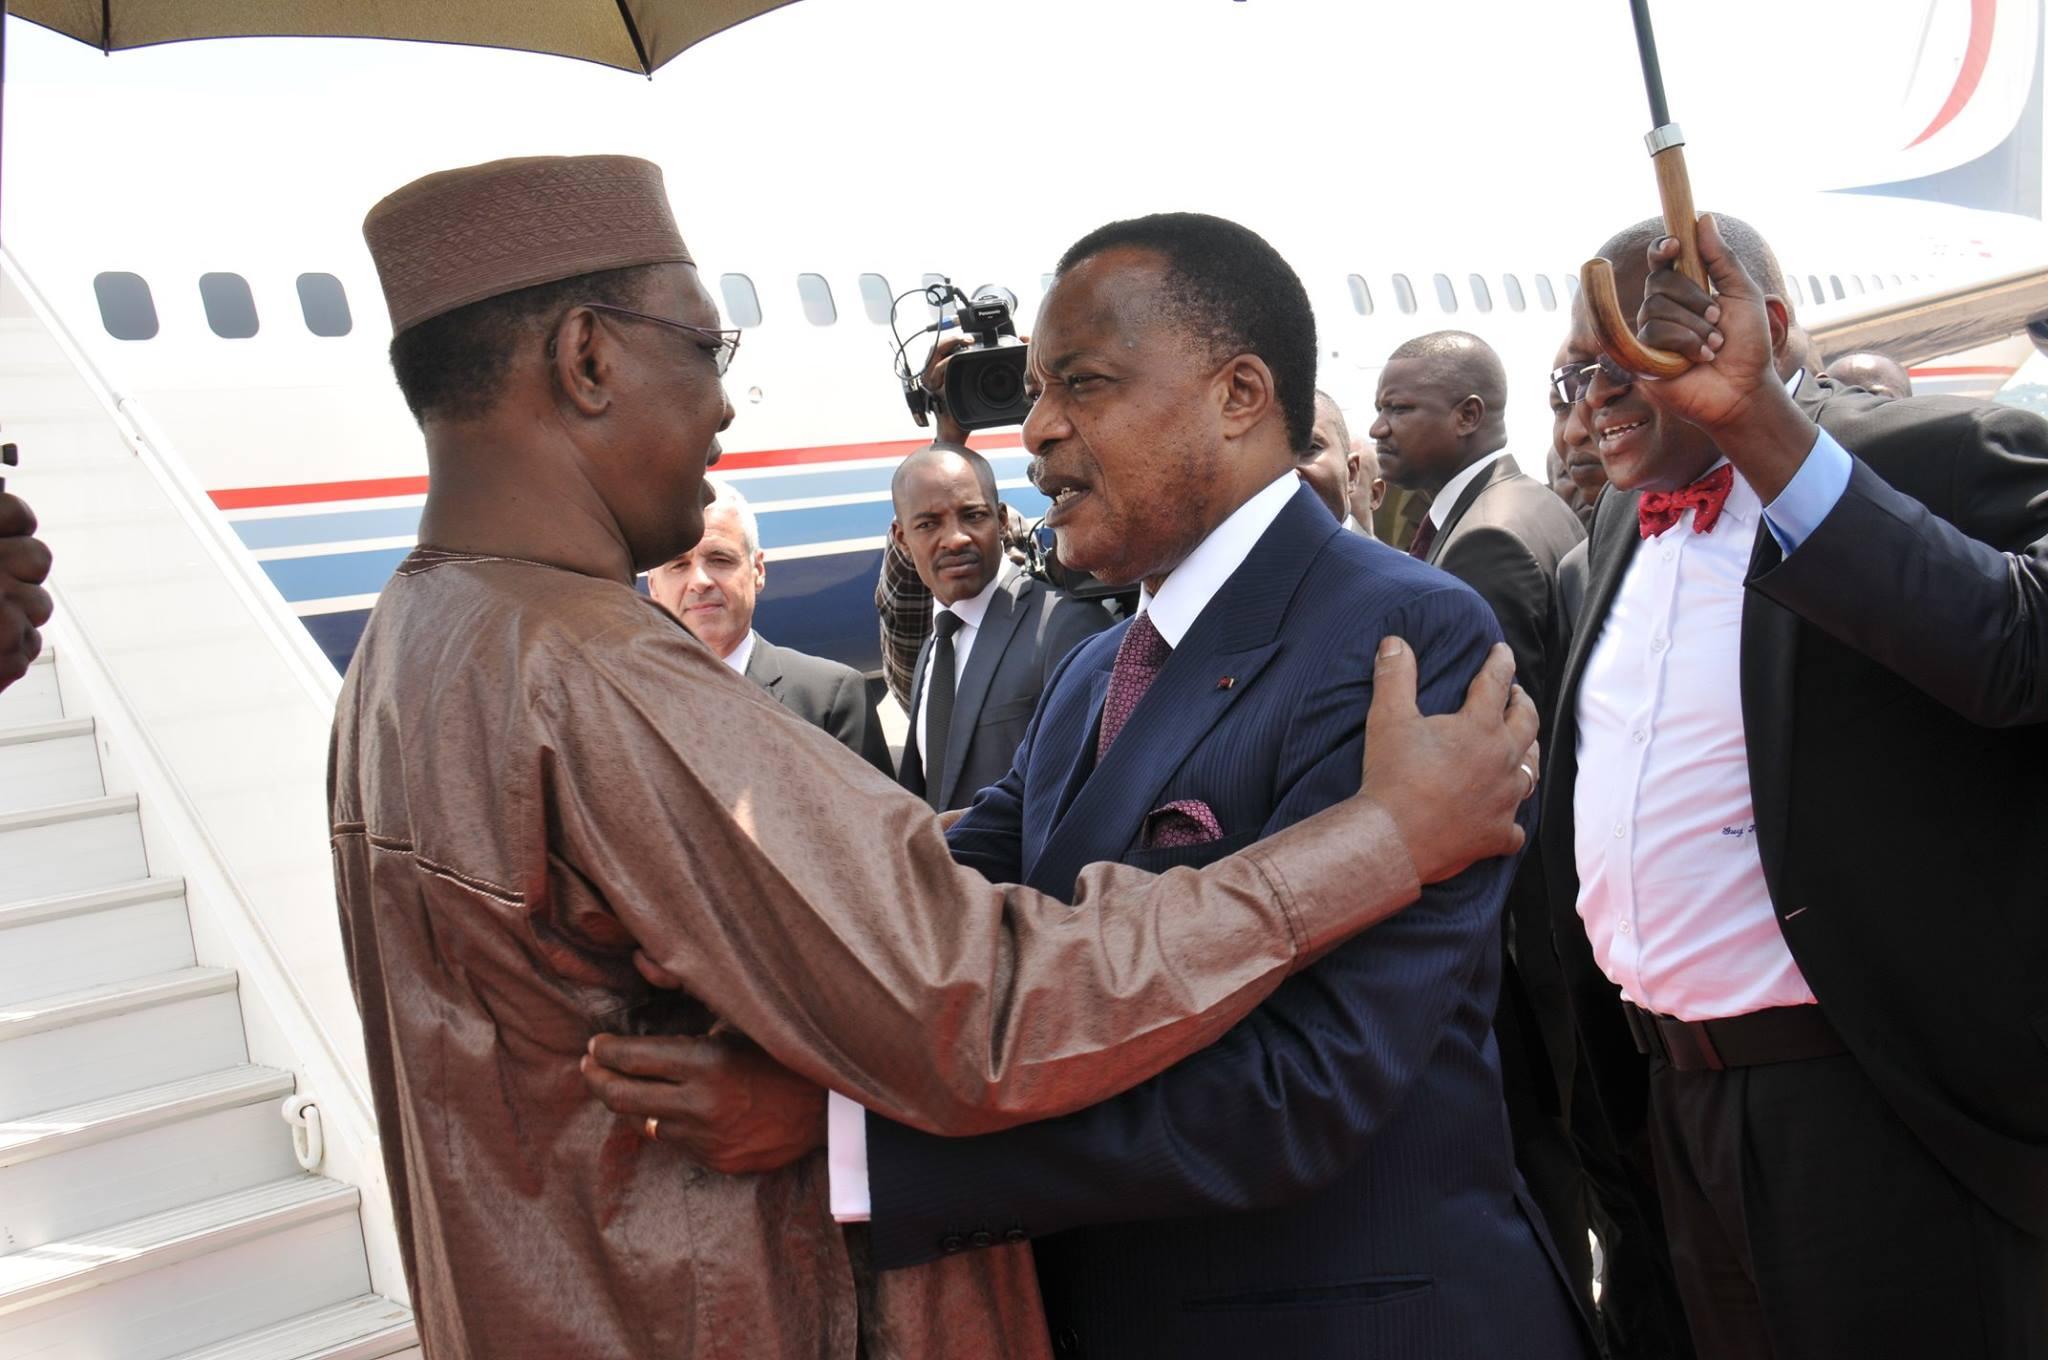 Sassou et Idriss Déby incinèrent 5 tonnes d'ivoire à Brazzaville